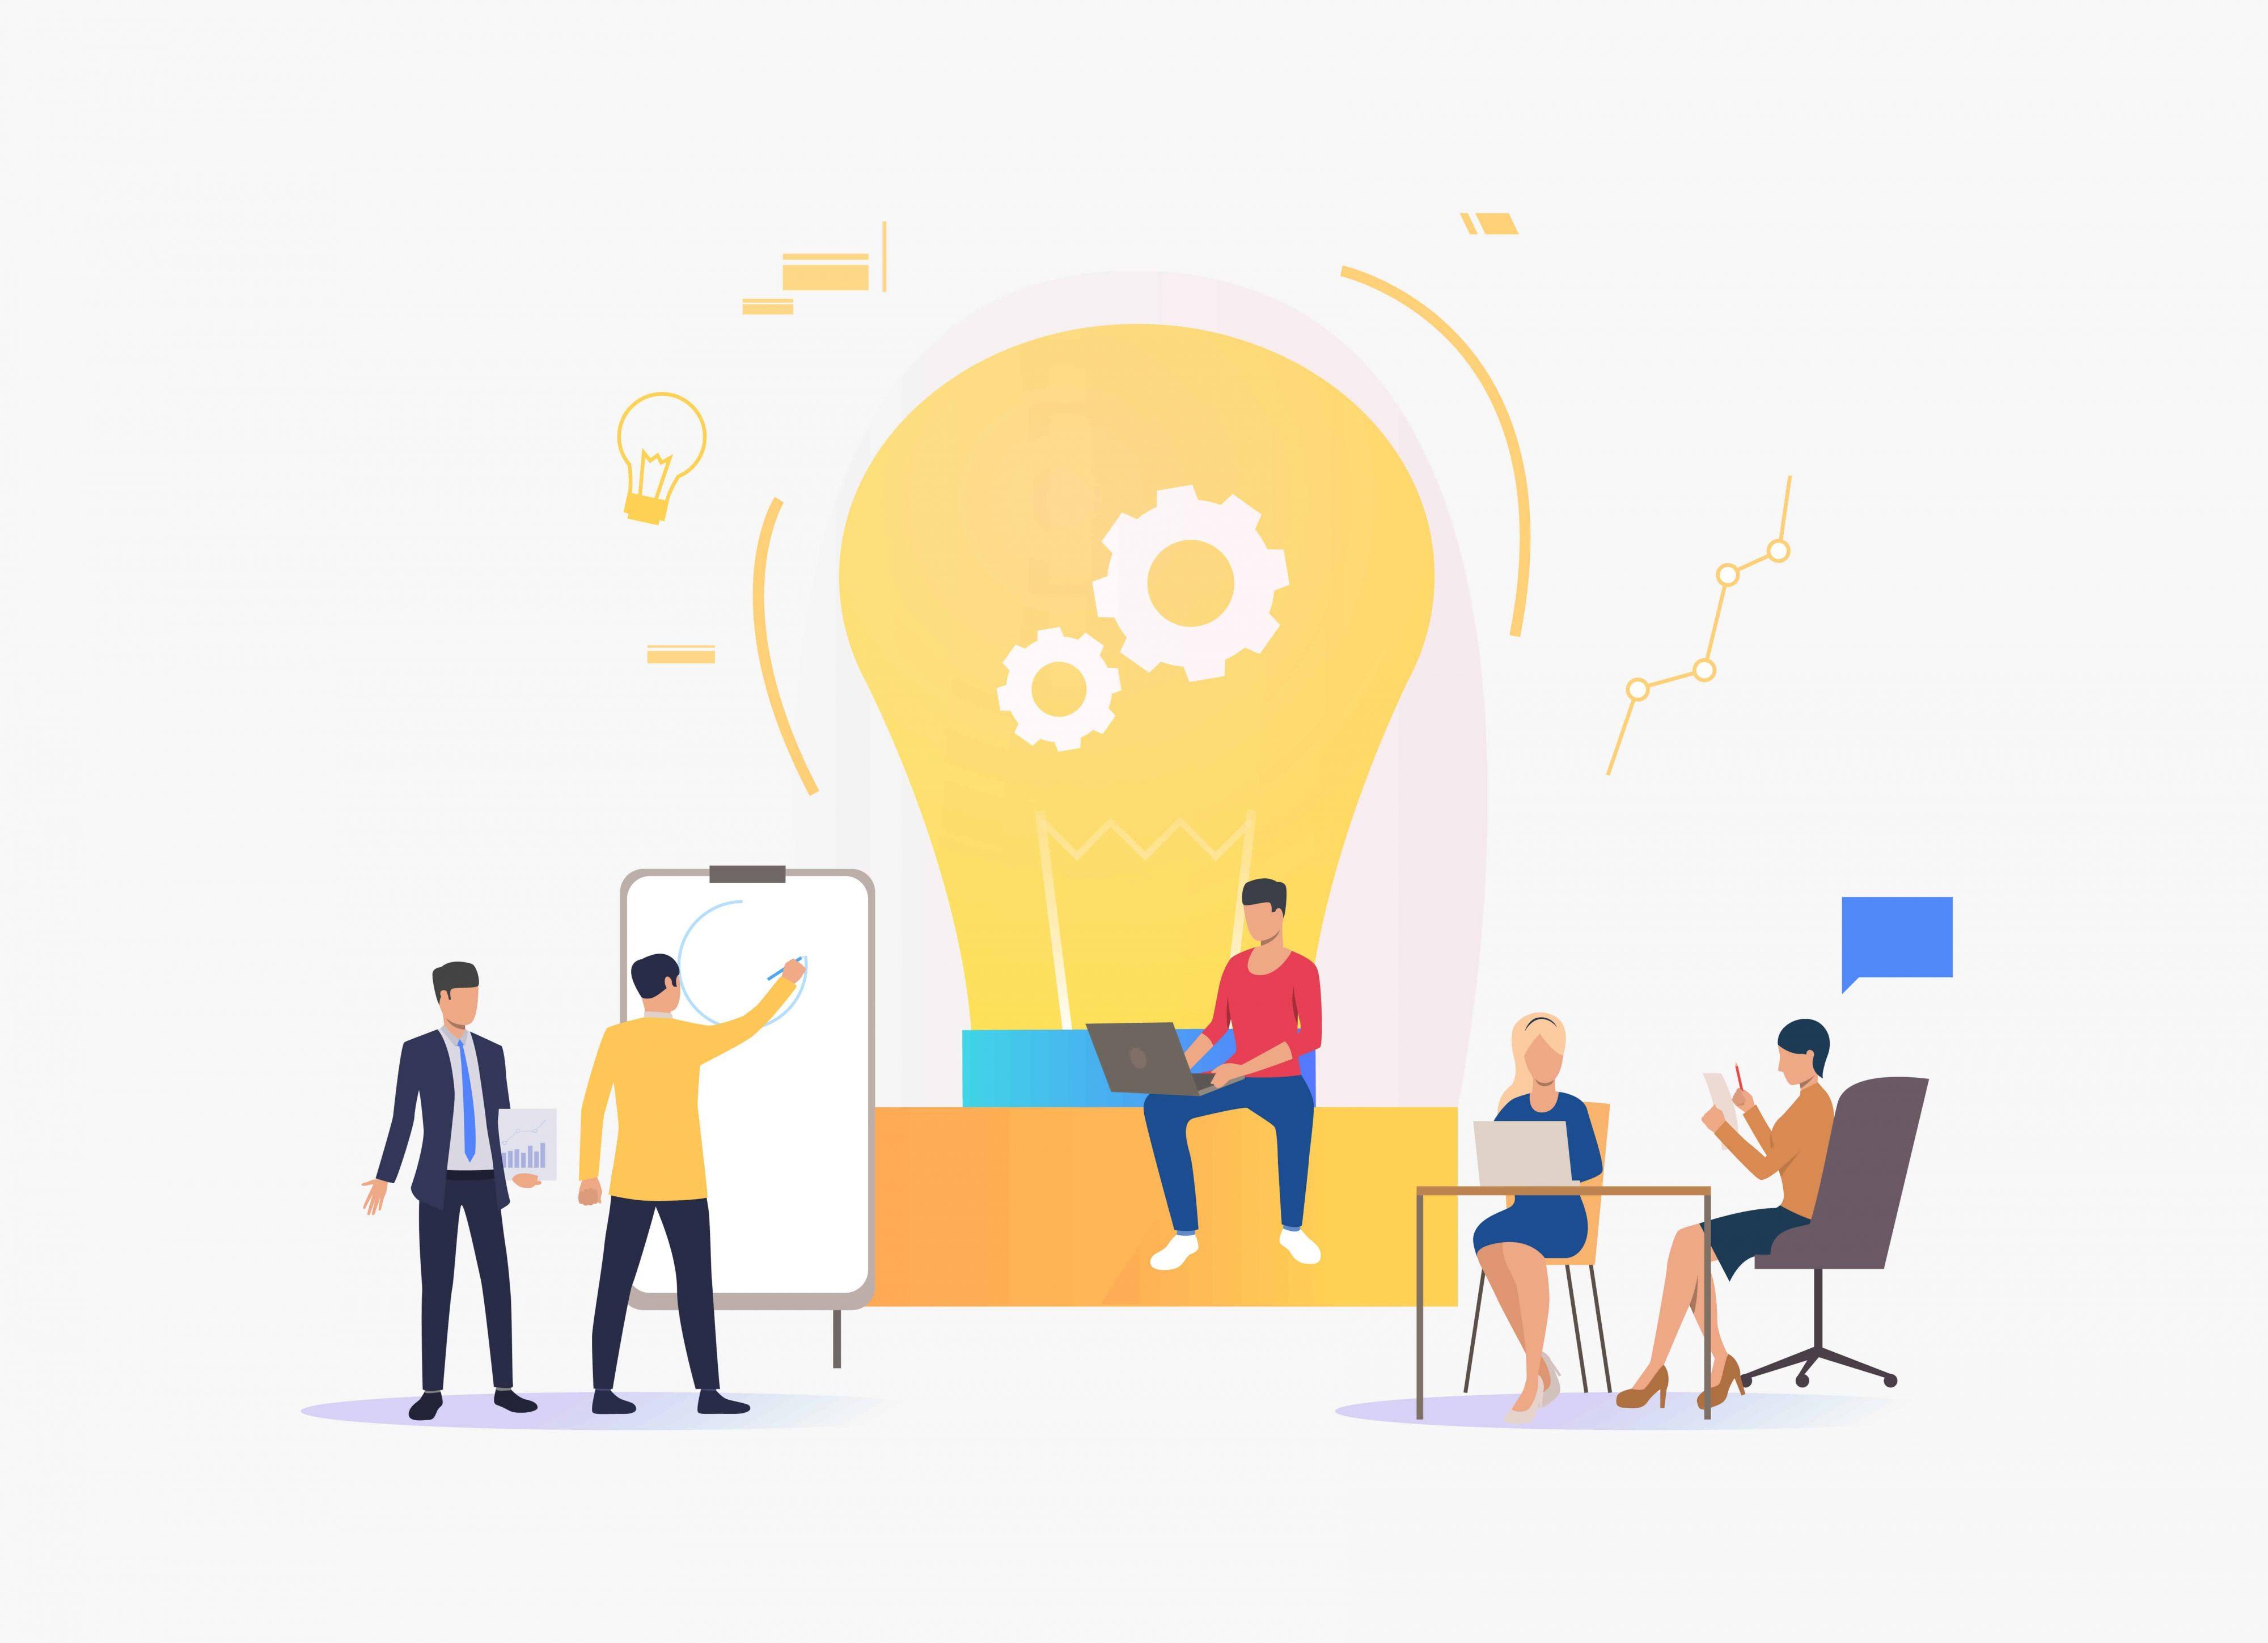 IDEIS-ideis-management-cabinet-formation-formations-conseil-consulting-coaching-accompagnement-communication-rennes-paris-organisme-certifie-certifié-qualite-qualité-apprendre-se-former-distance-digital-manager-managers-équipe-equipe-equipes-team-humain-ressources-humaines-ressource-capital-mbti-pcm-inventaire-de-personnalite-individuel-cles-du-managment-hommes-responsables-cadres-rh-superieurs-hierarchiques-dirigeant-formateur-consultant